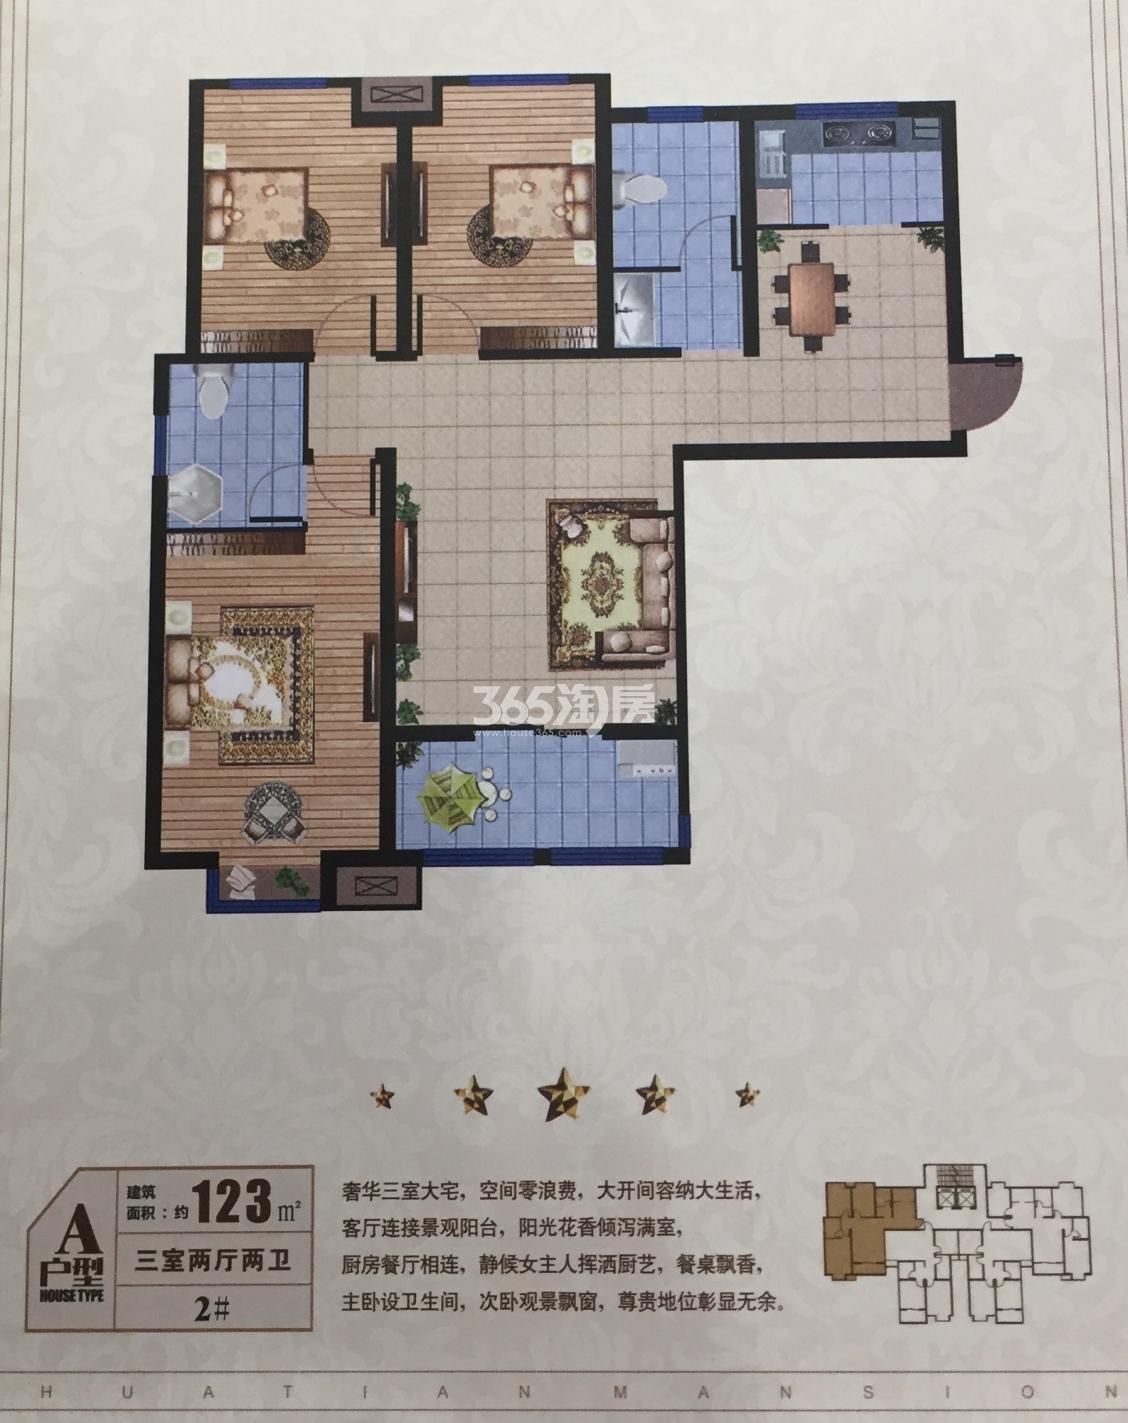 华天公馆户型图